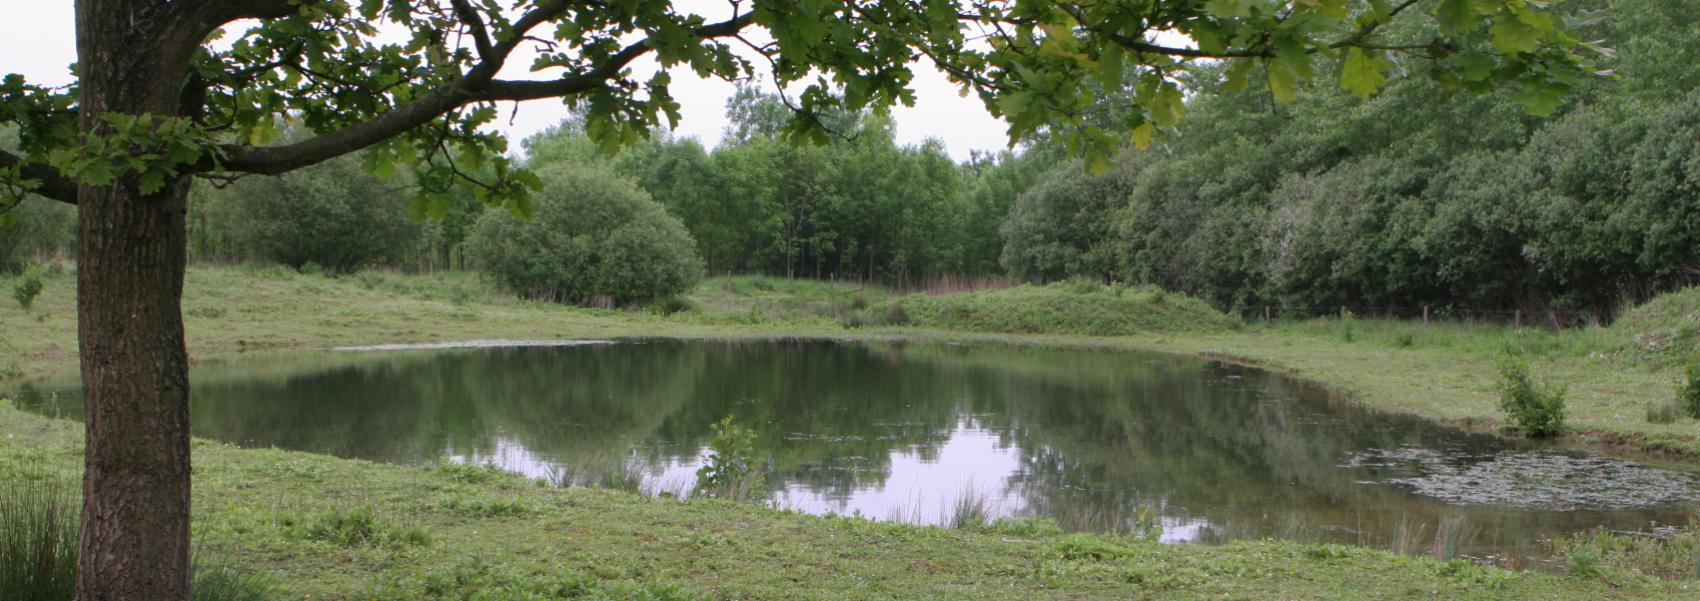 zicht op het landschap van het orveytbos